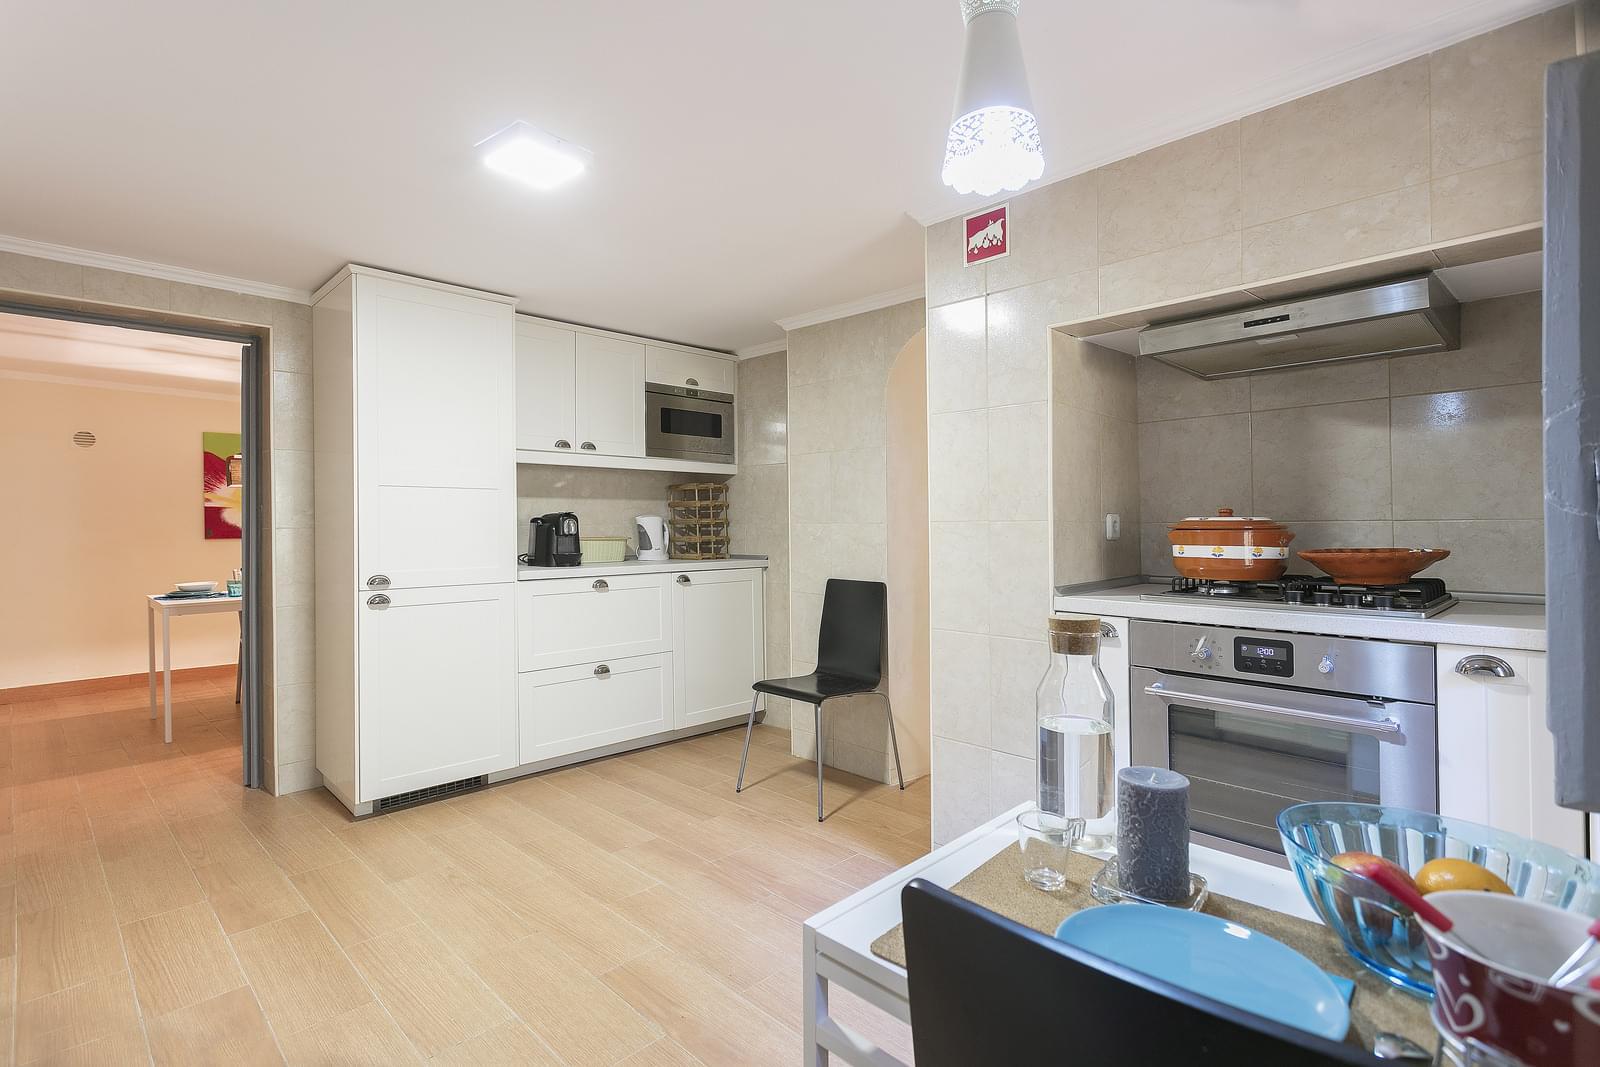 pf16716-apartamento-t2-3-lisboa-16382970-1138-428b-bfe8-a81b8472be65